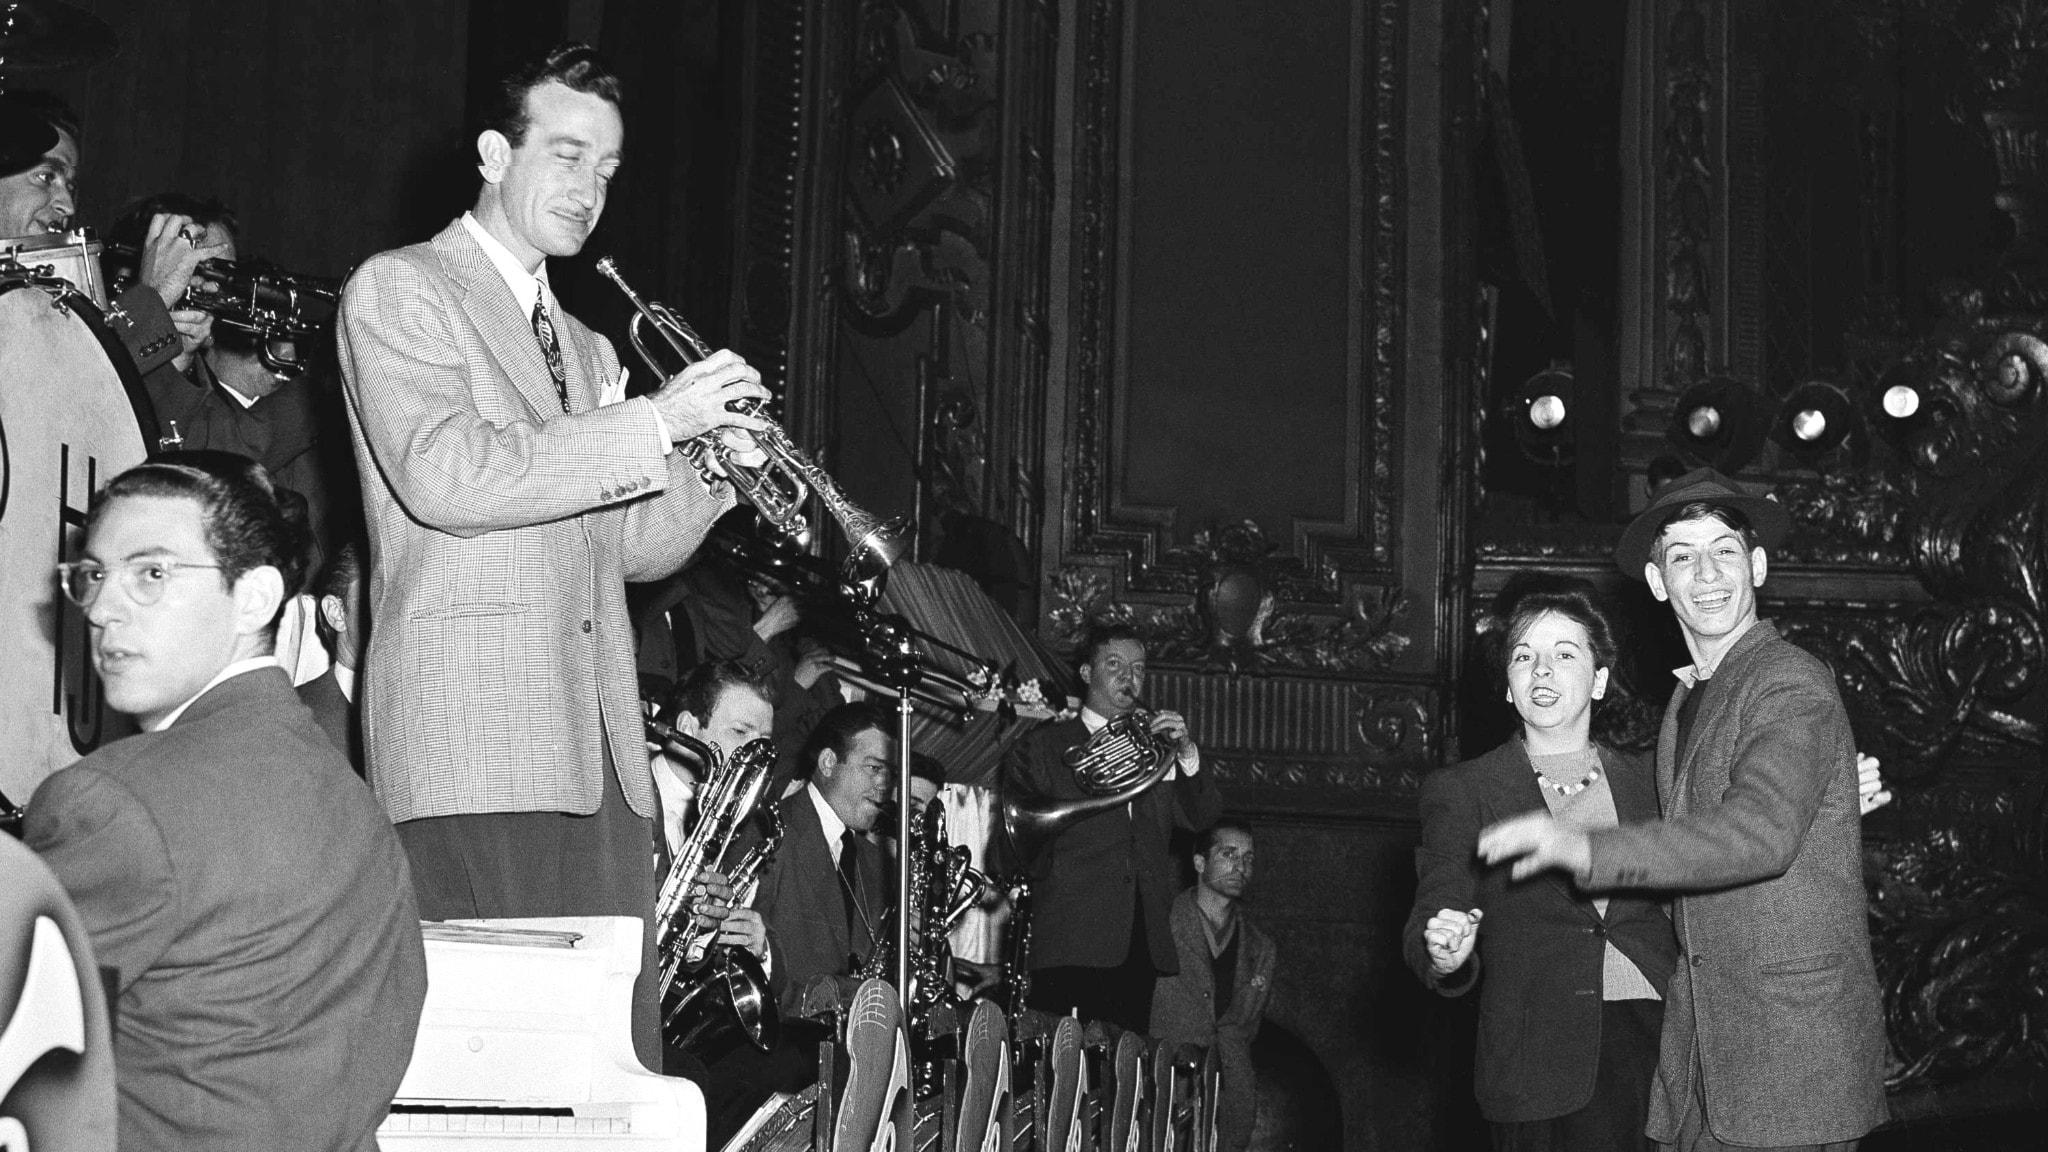 Harry James, storbandsorkester och ett par som dansar framför, svart-vit gammal bild.